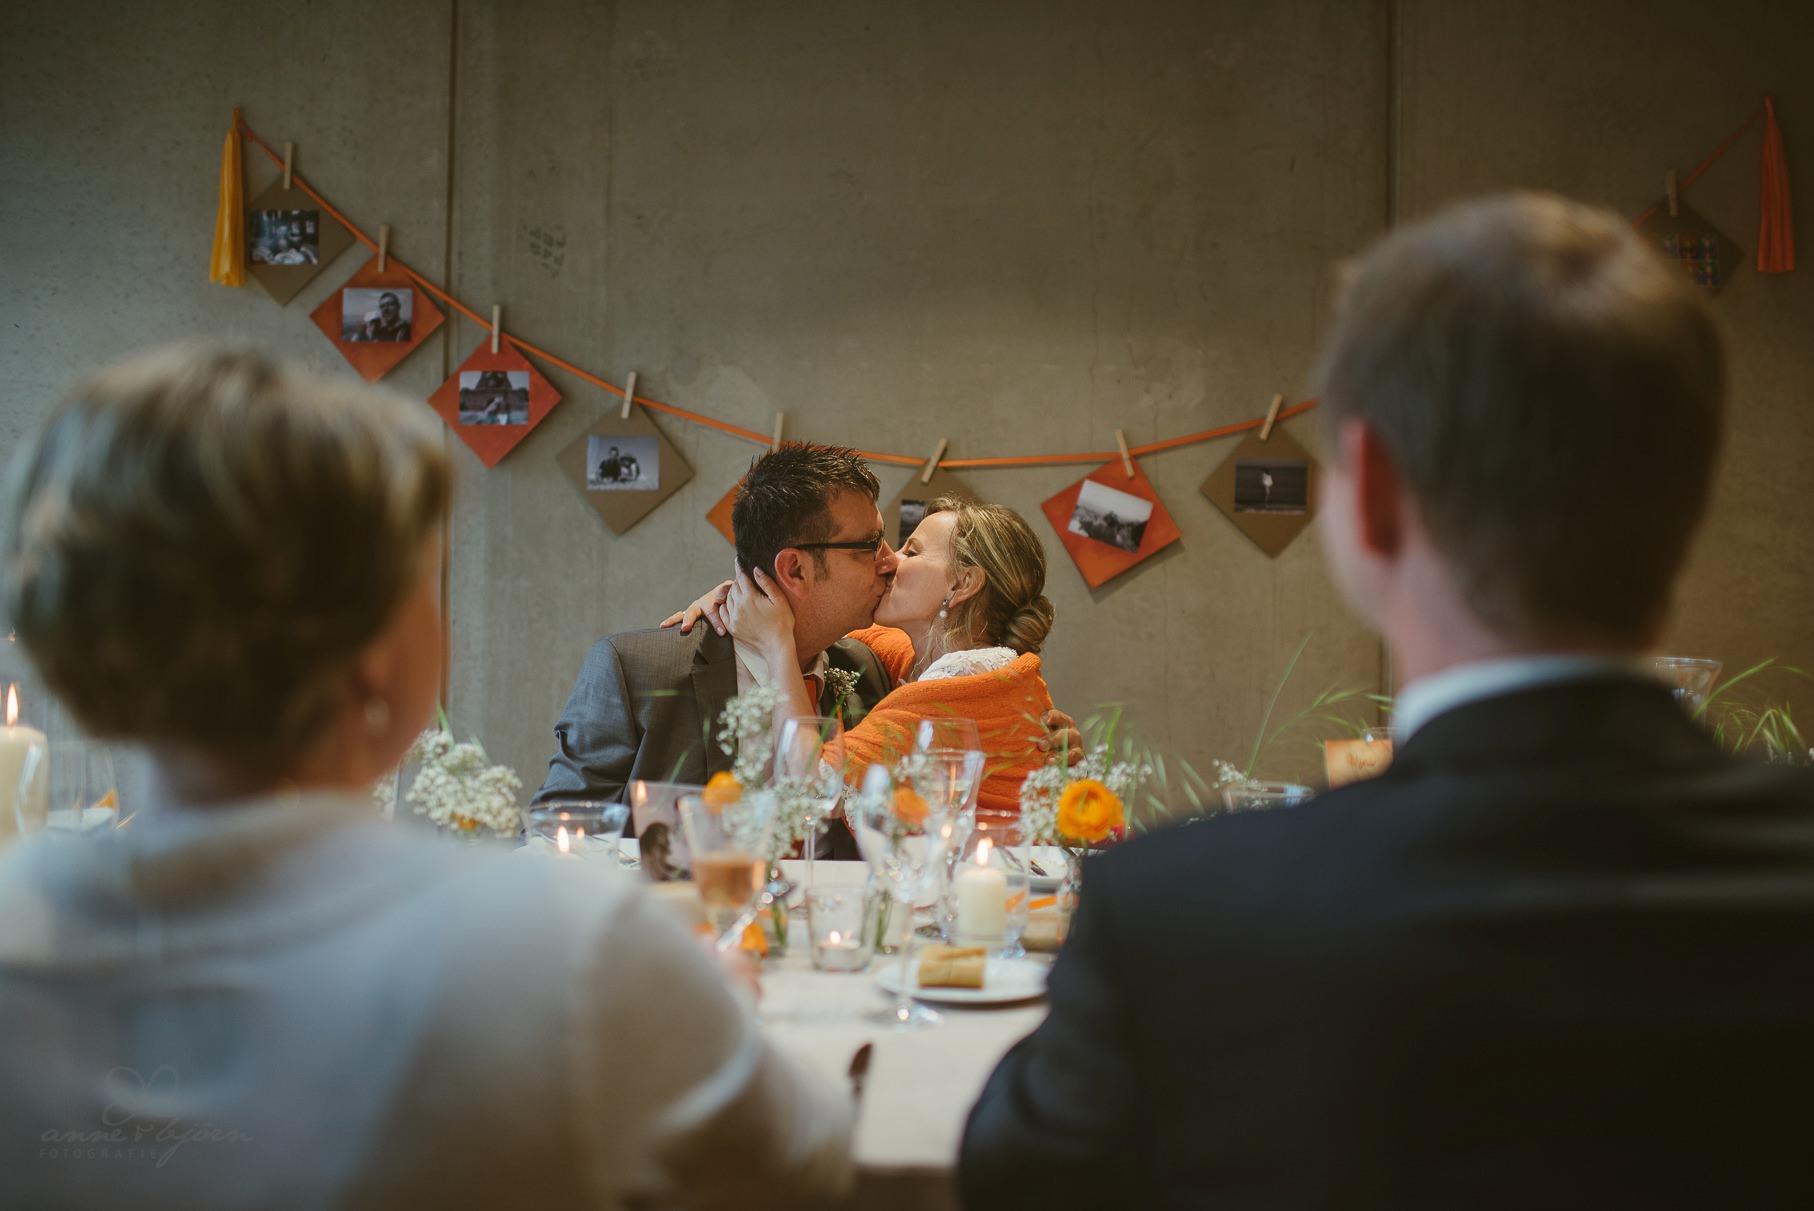 0118 anne und bjoern Manu und Sven D75 0885 1 - DIY Hochzeit im Erdhaus auf dem alten Land - Manuela & Sven